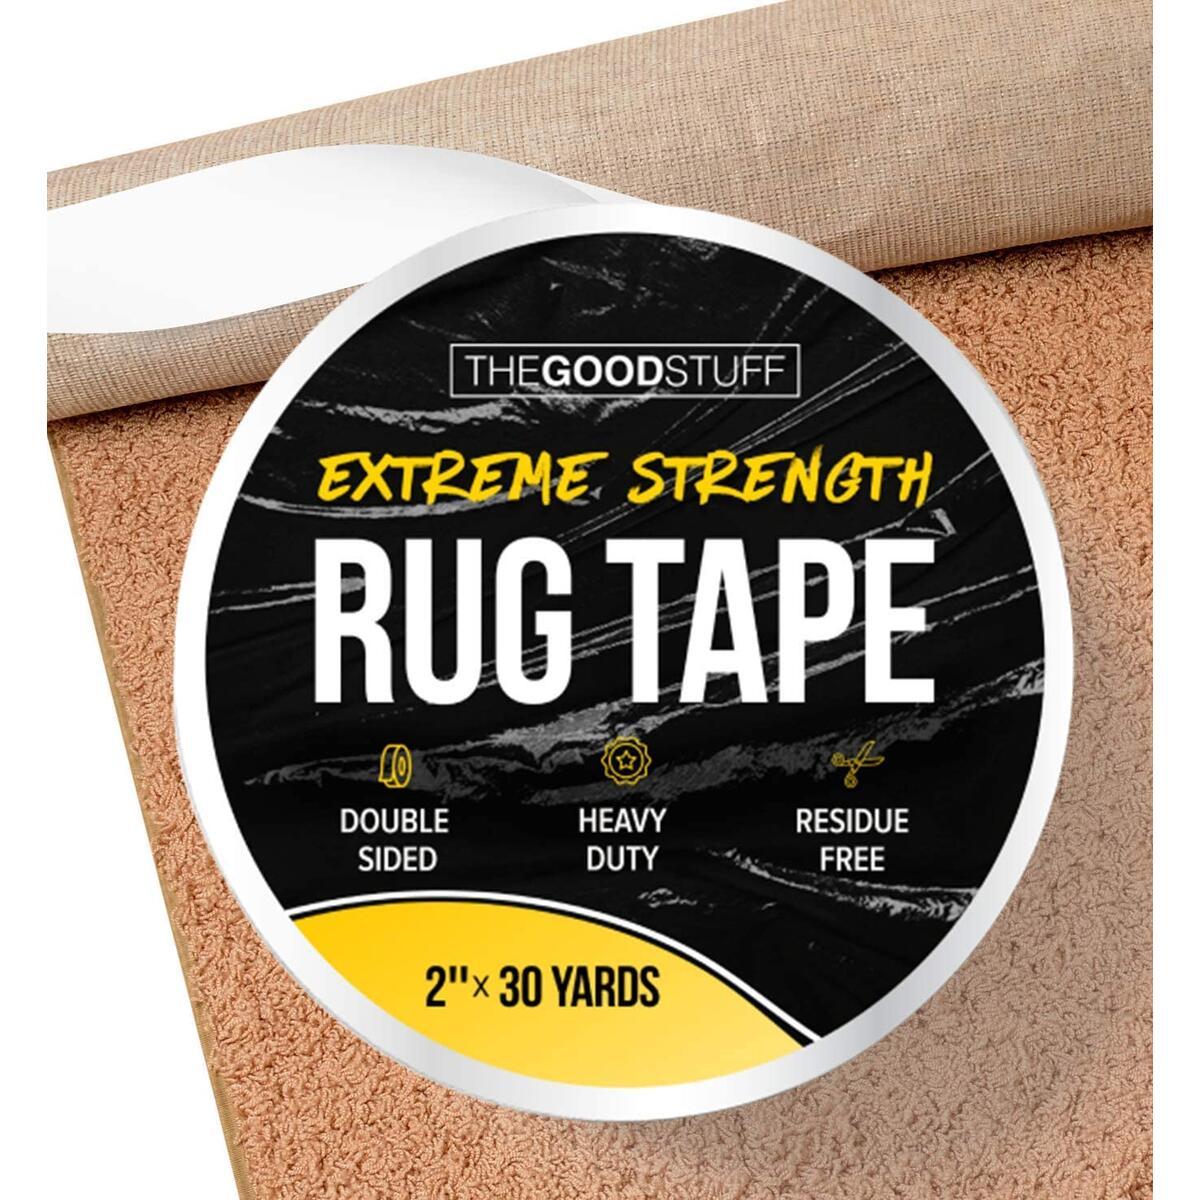 Heavy Duty Double Sided Rug Gripper Tape